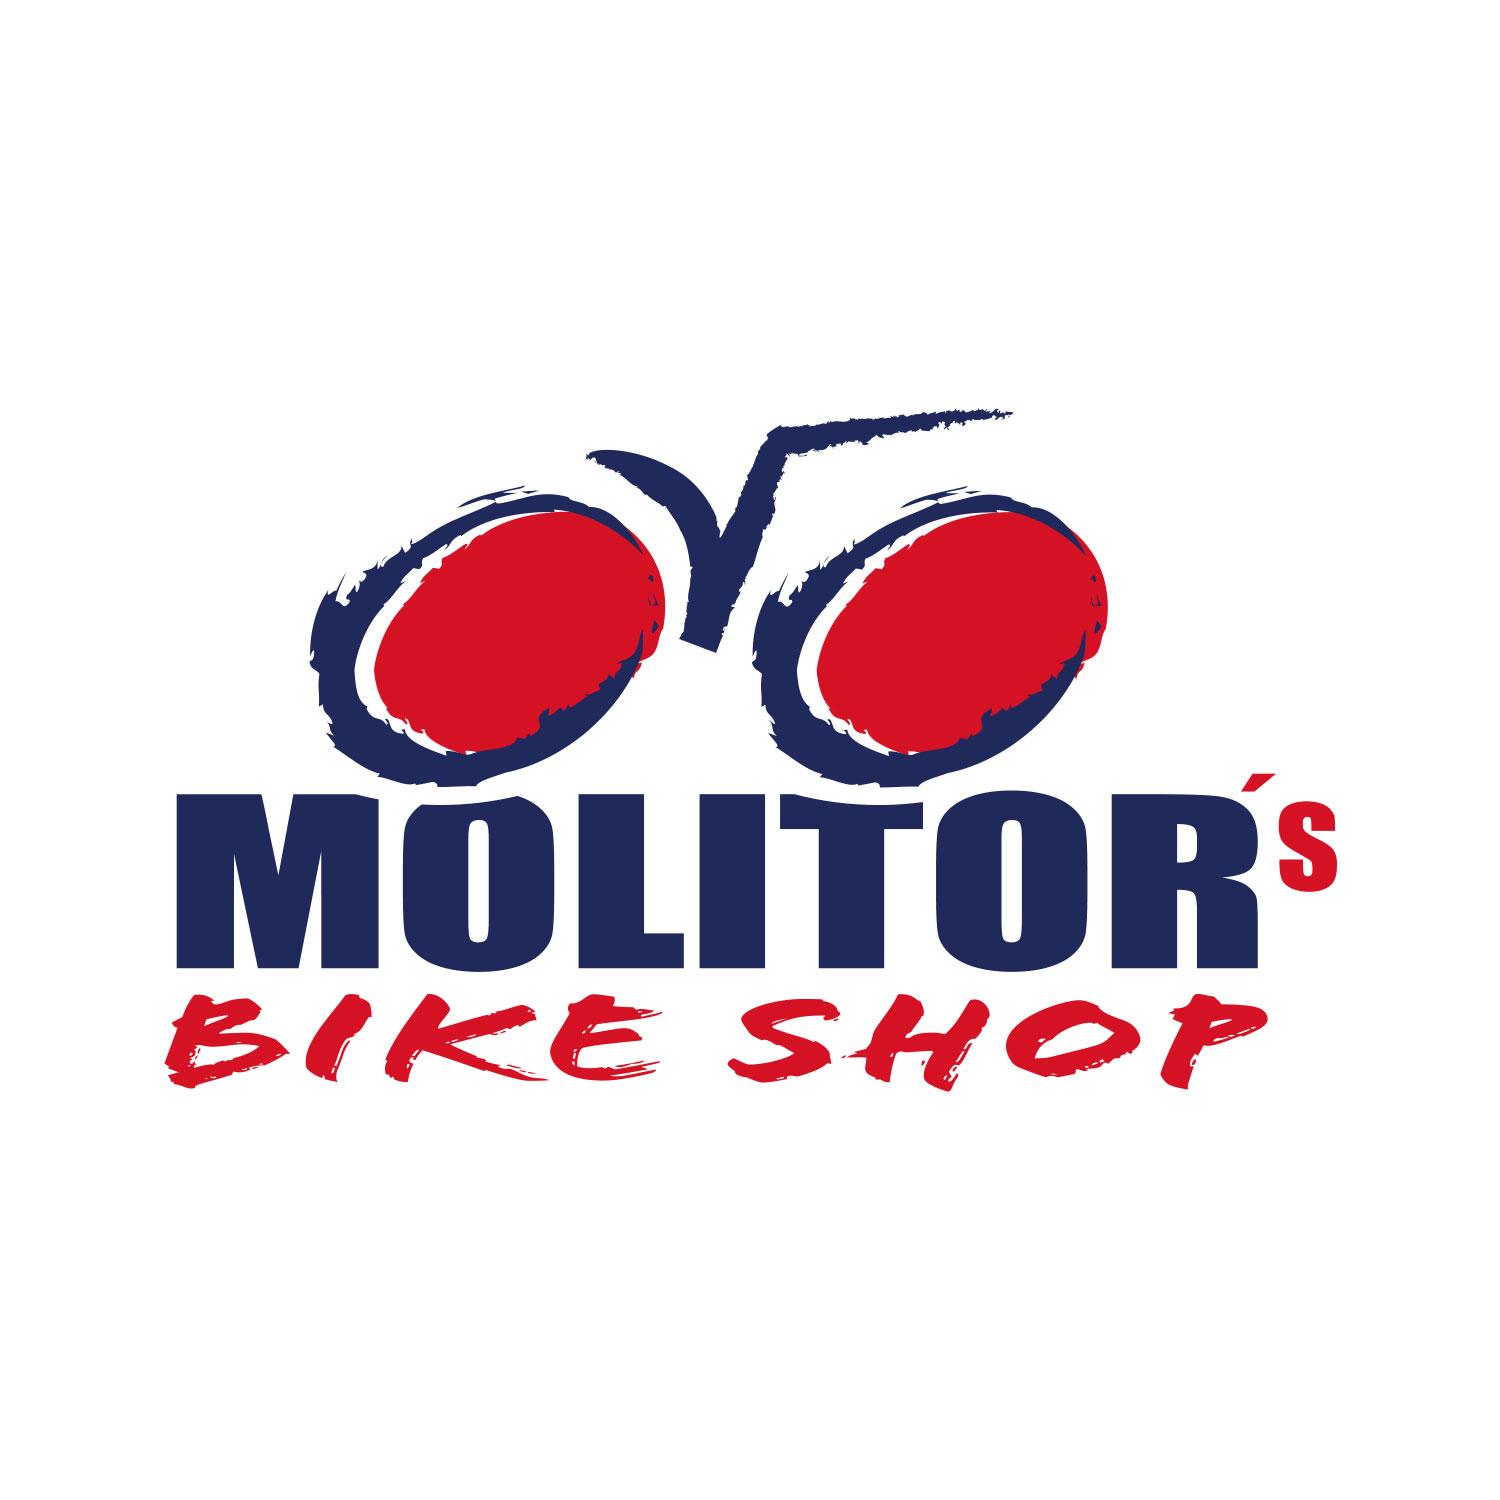 Molitor's Bike Shop - Dein Fahrrad Shop in Wittlich